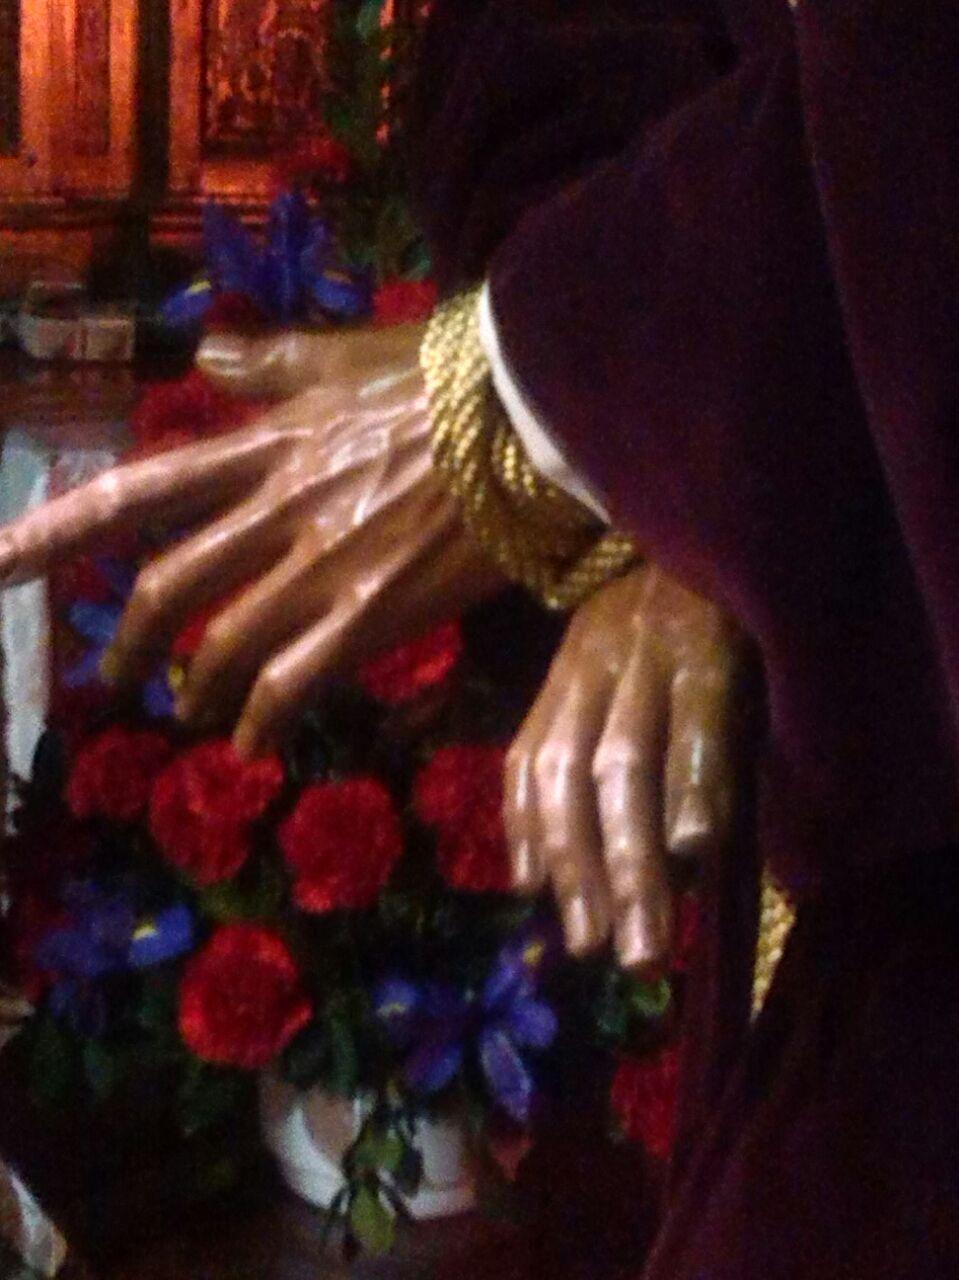 en tus manos estoy a ti me debo